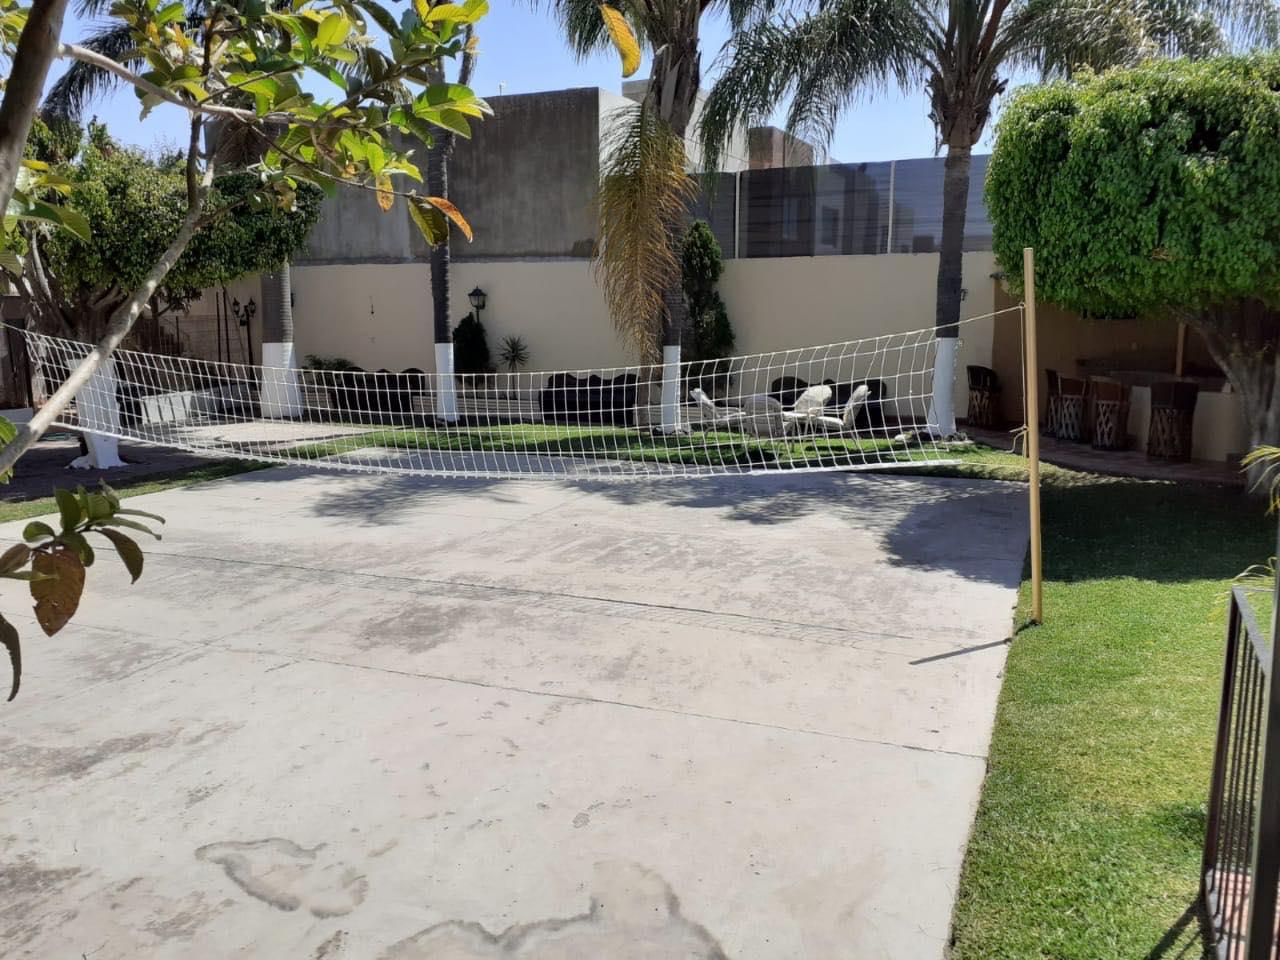 Imagen 10 del espacio Villa Catalina en Zapopan, México